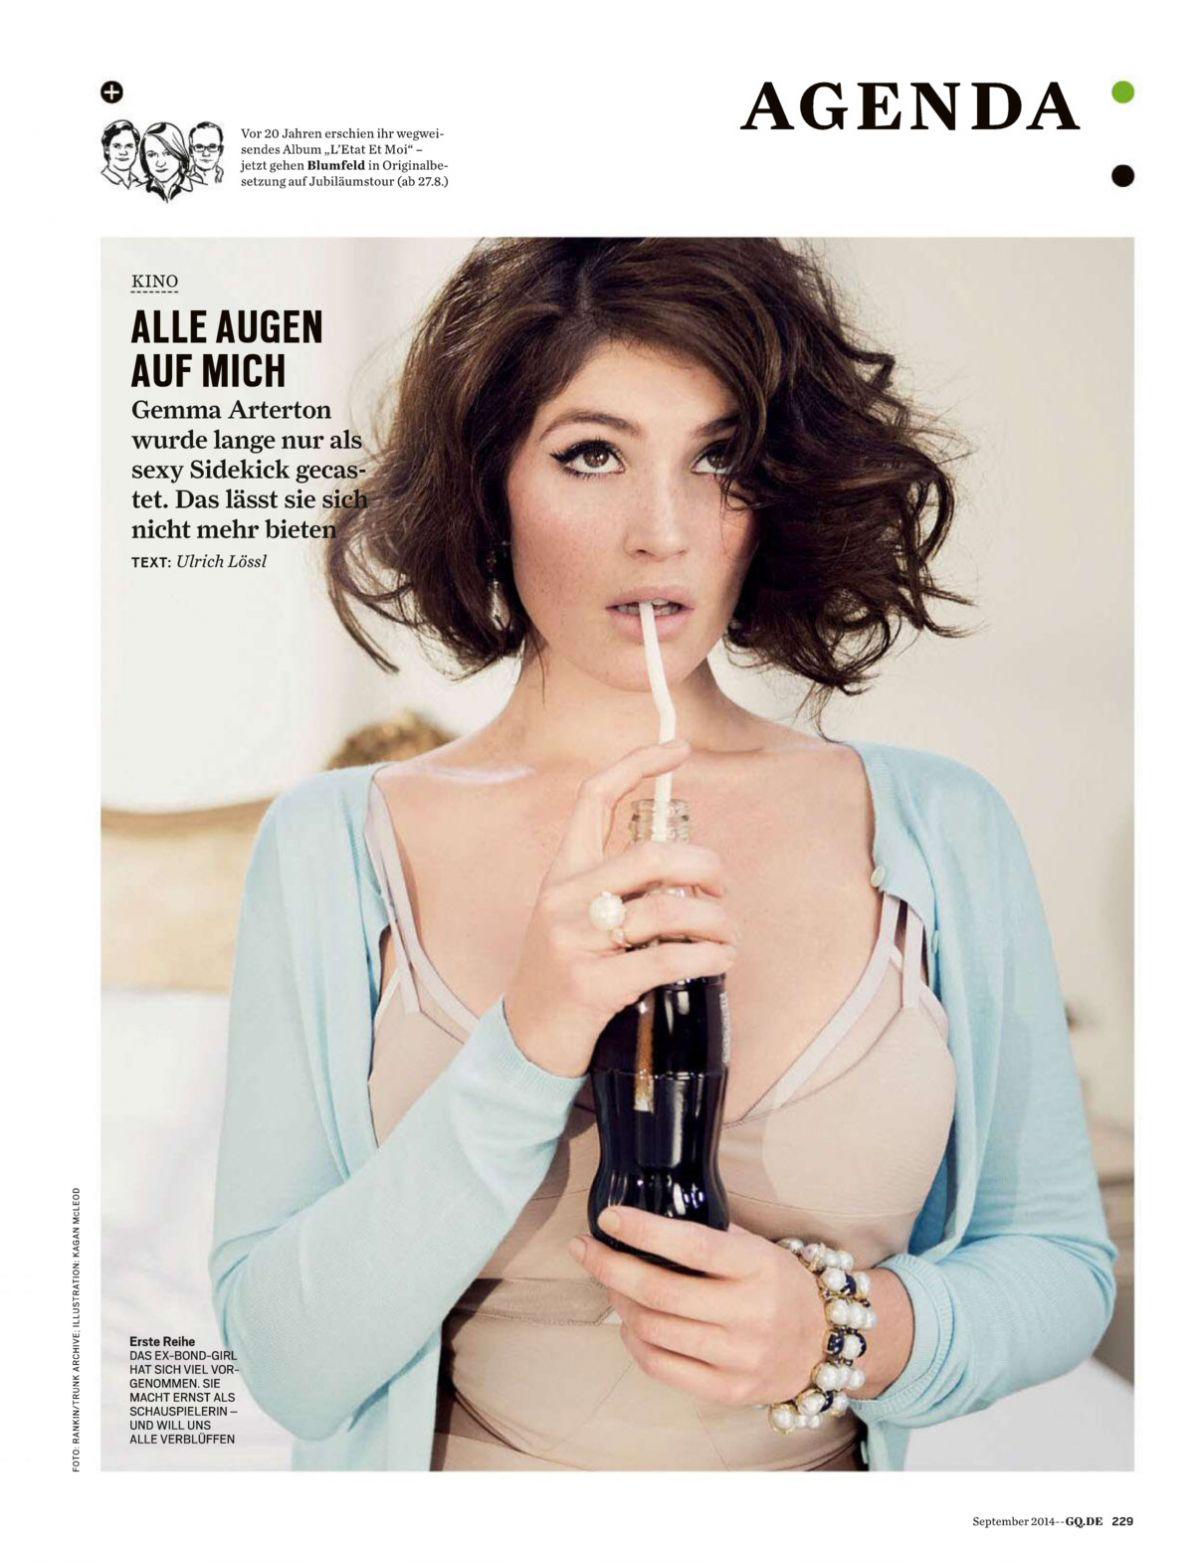 GEMMA ARTERTON in GQ Magazine, Germany September 2014 Issue